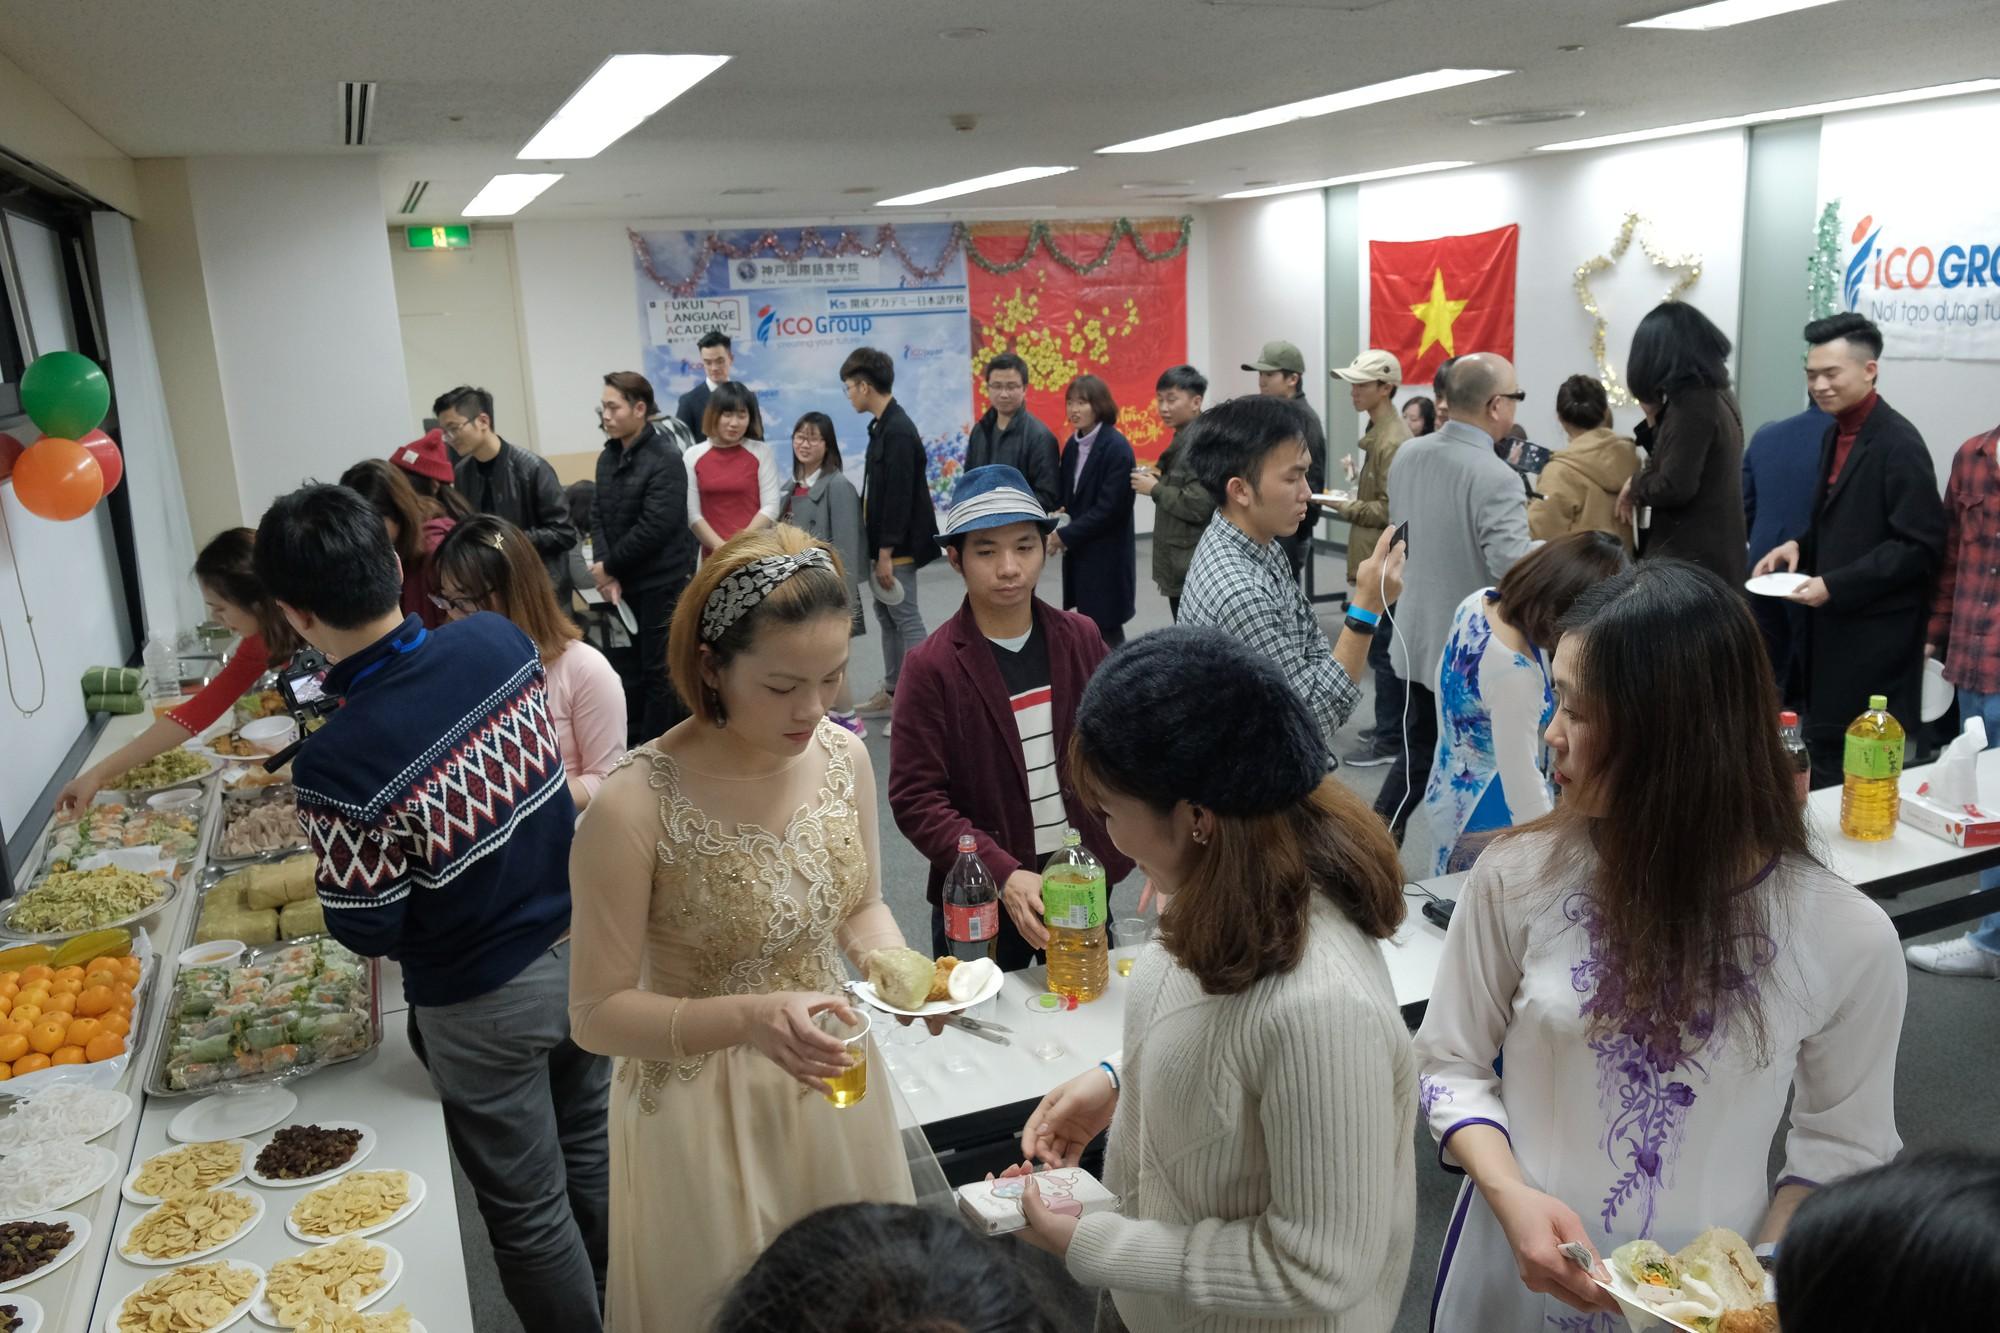 Ở nhà chưa thấy Tết đâu nhưng DHS Việt ở Nhật đã đón Tết rất hoành tráng rồi - Ảnh 8.